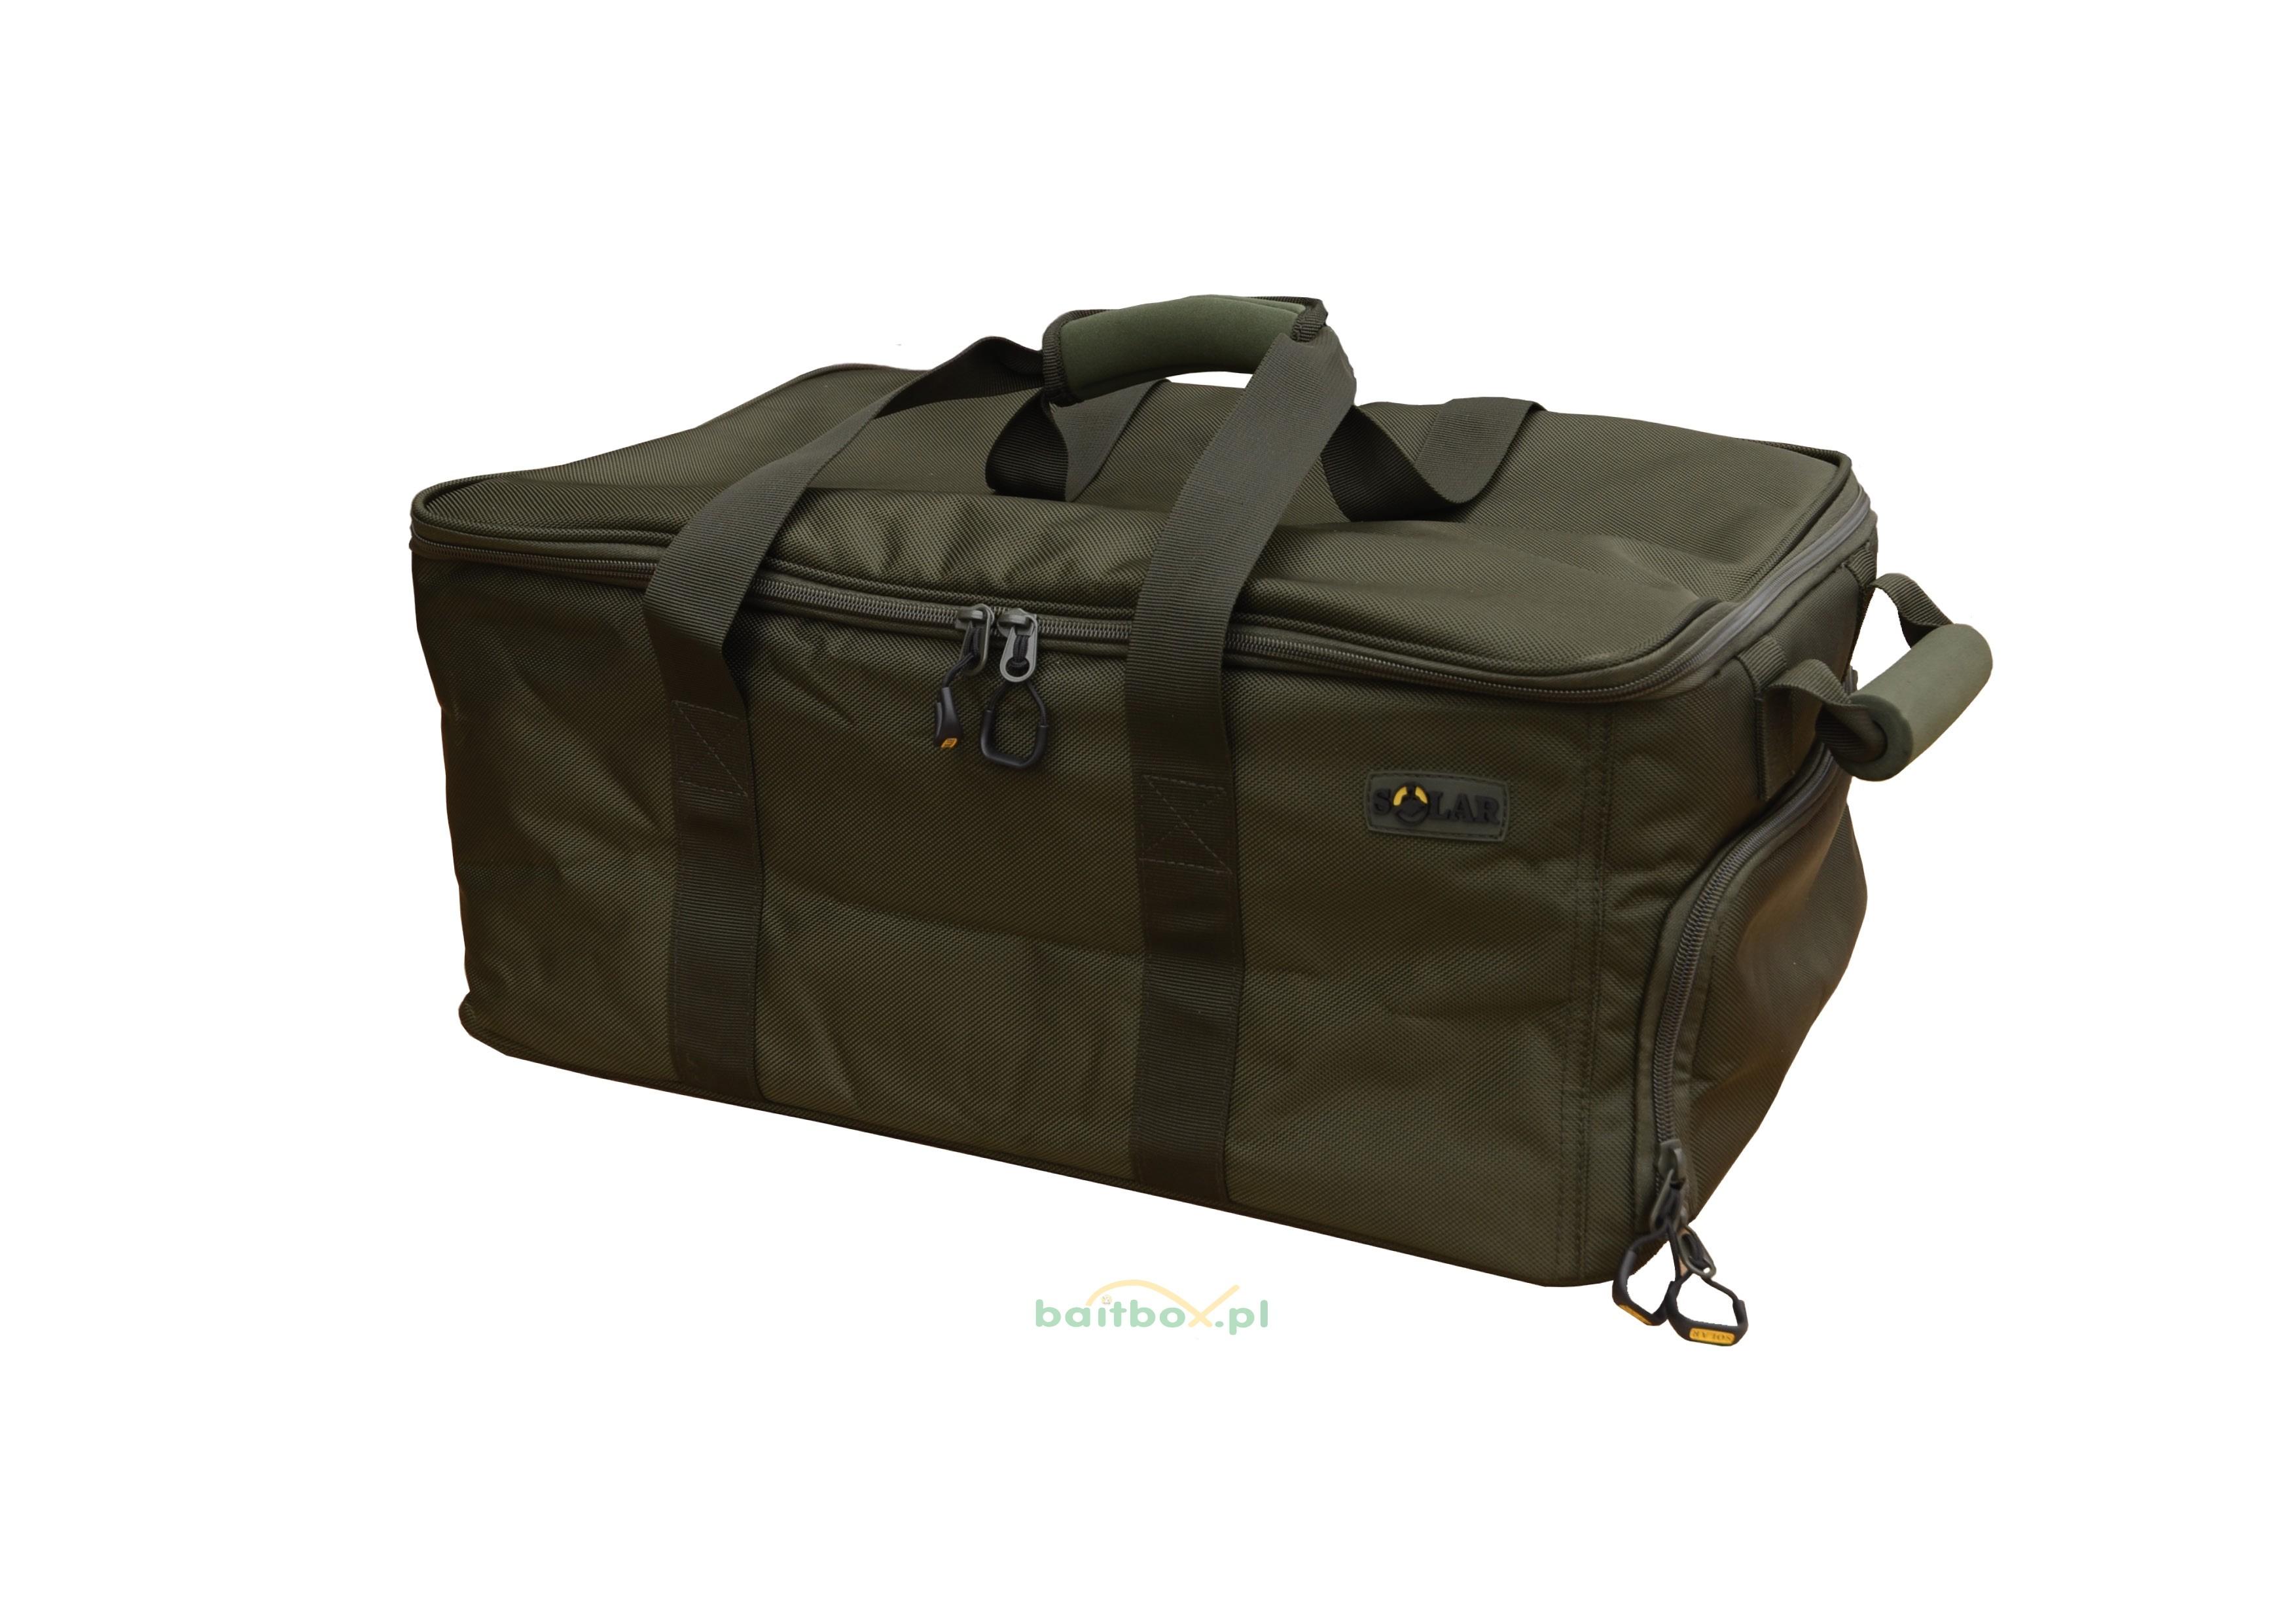 Solar SP Clothes Bag LG16